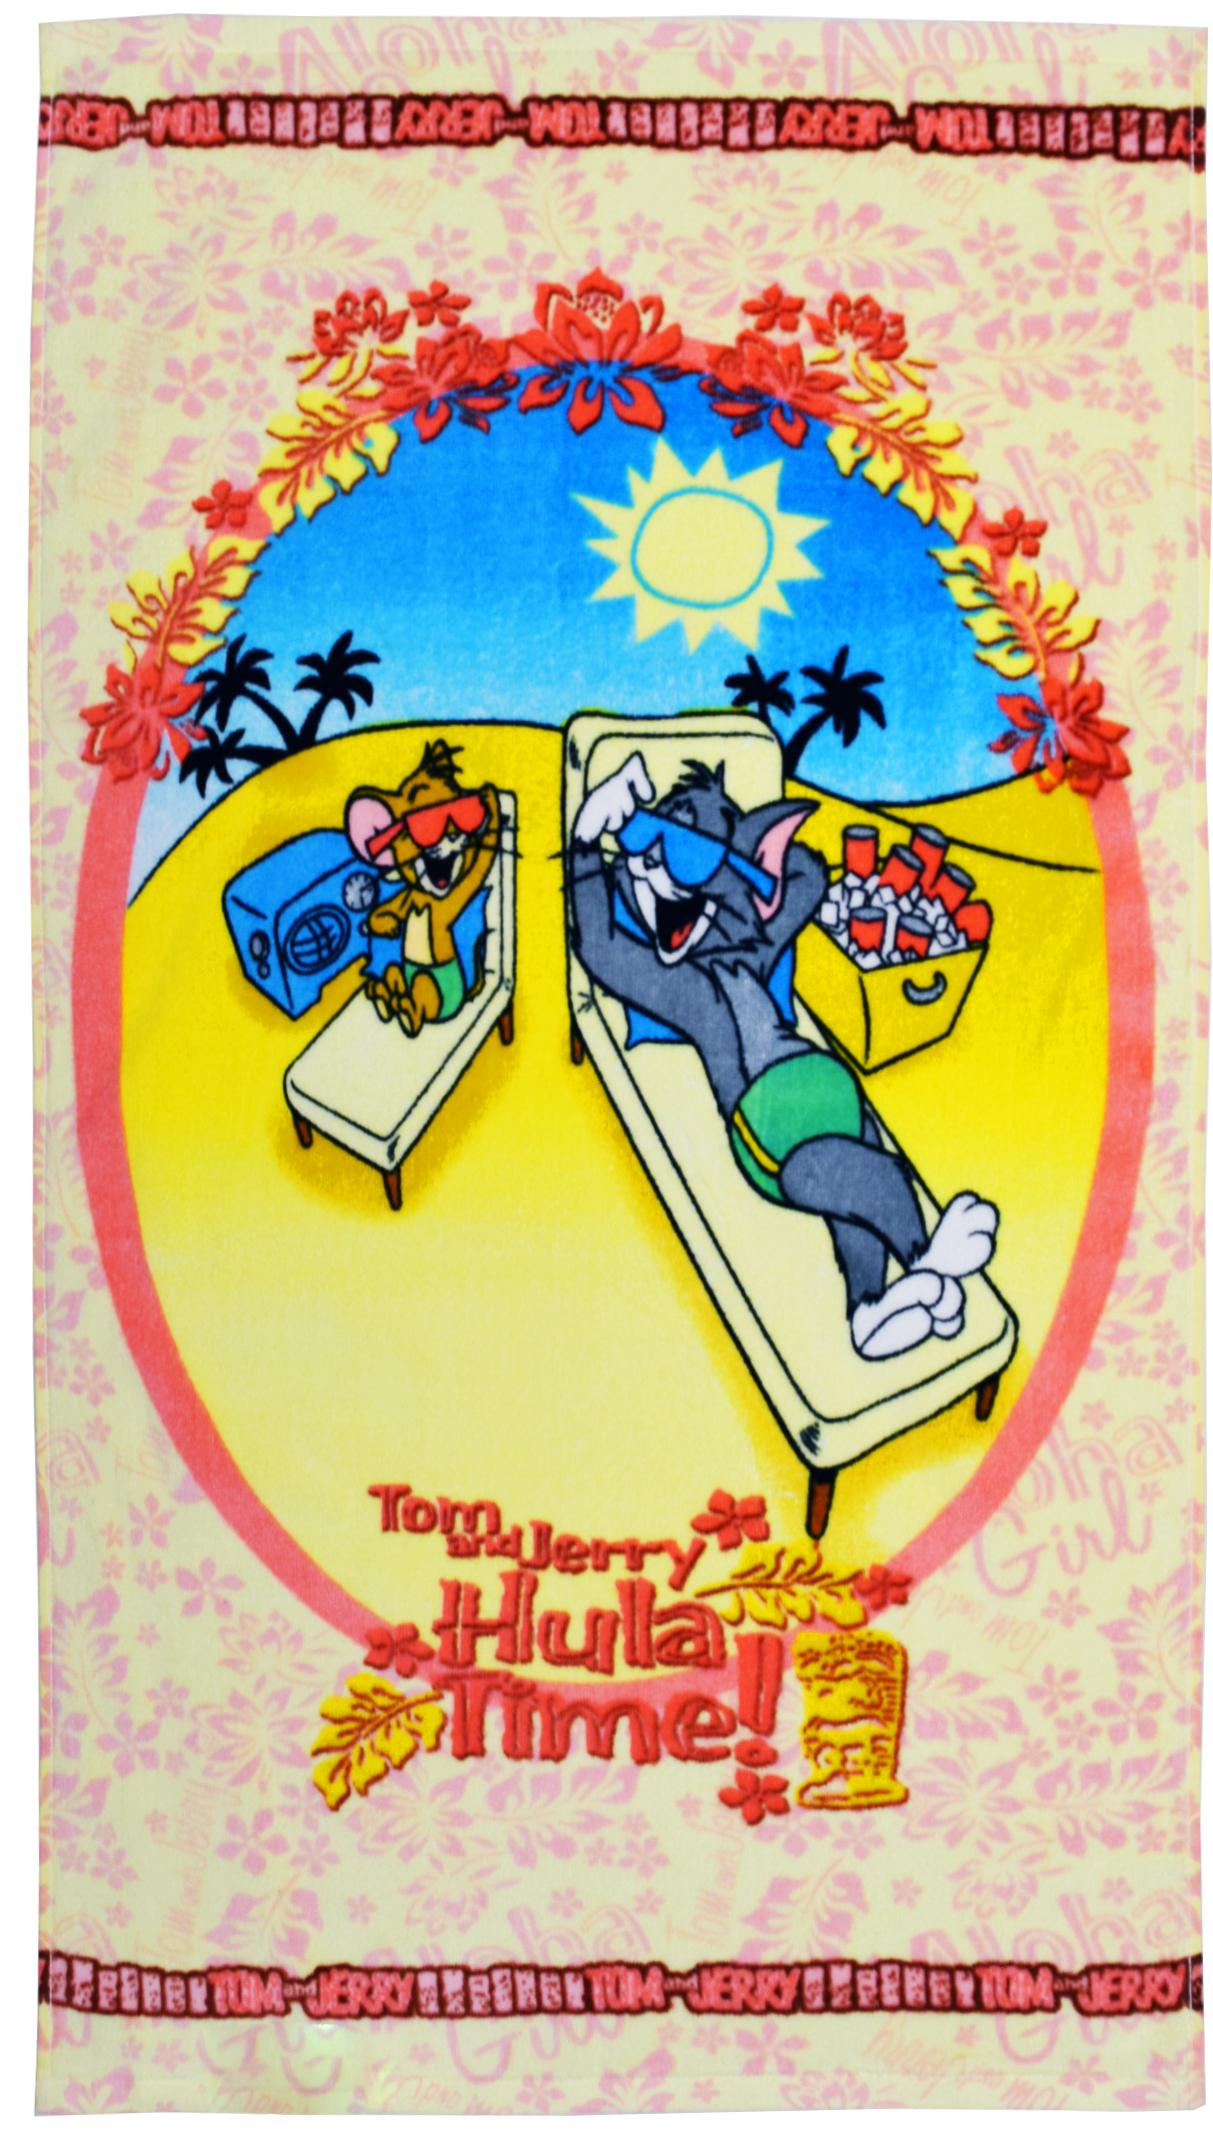 Полотенце 50*90 см, махровое, Том и Джерри на отдыхе01300215954Красочные полотенца 2 в 1: одна сторона развлекает, другая — вытирает.Разнообразие расцветок полотенец поможет окунуться в мир волшебных сказок и мультипликационных героев.Уважаемые клиенты!Обращаем ваше внимание на возможные изменения в дизайне, связанные с ассортиментом продукции: дизайн может отличаться от представленного на изображении. Поставка осуществляется в зависимости от наличия на складе